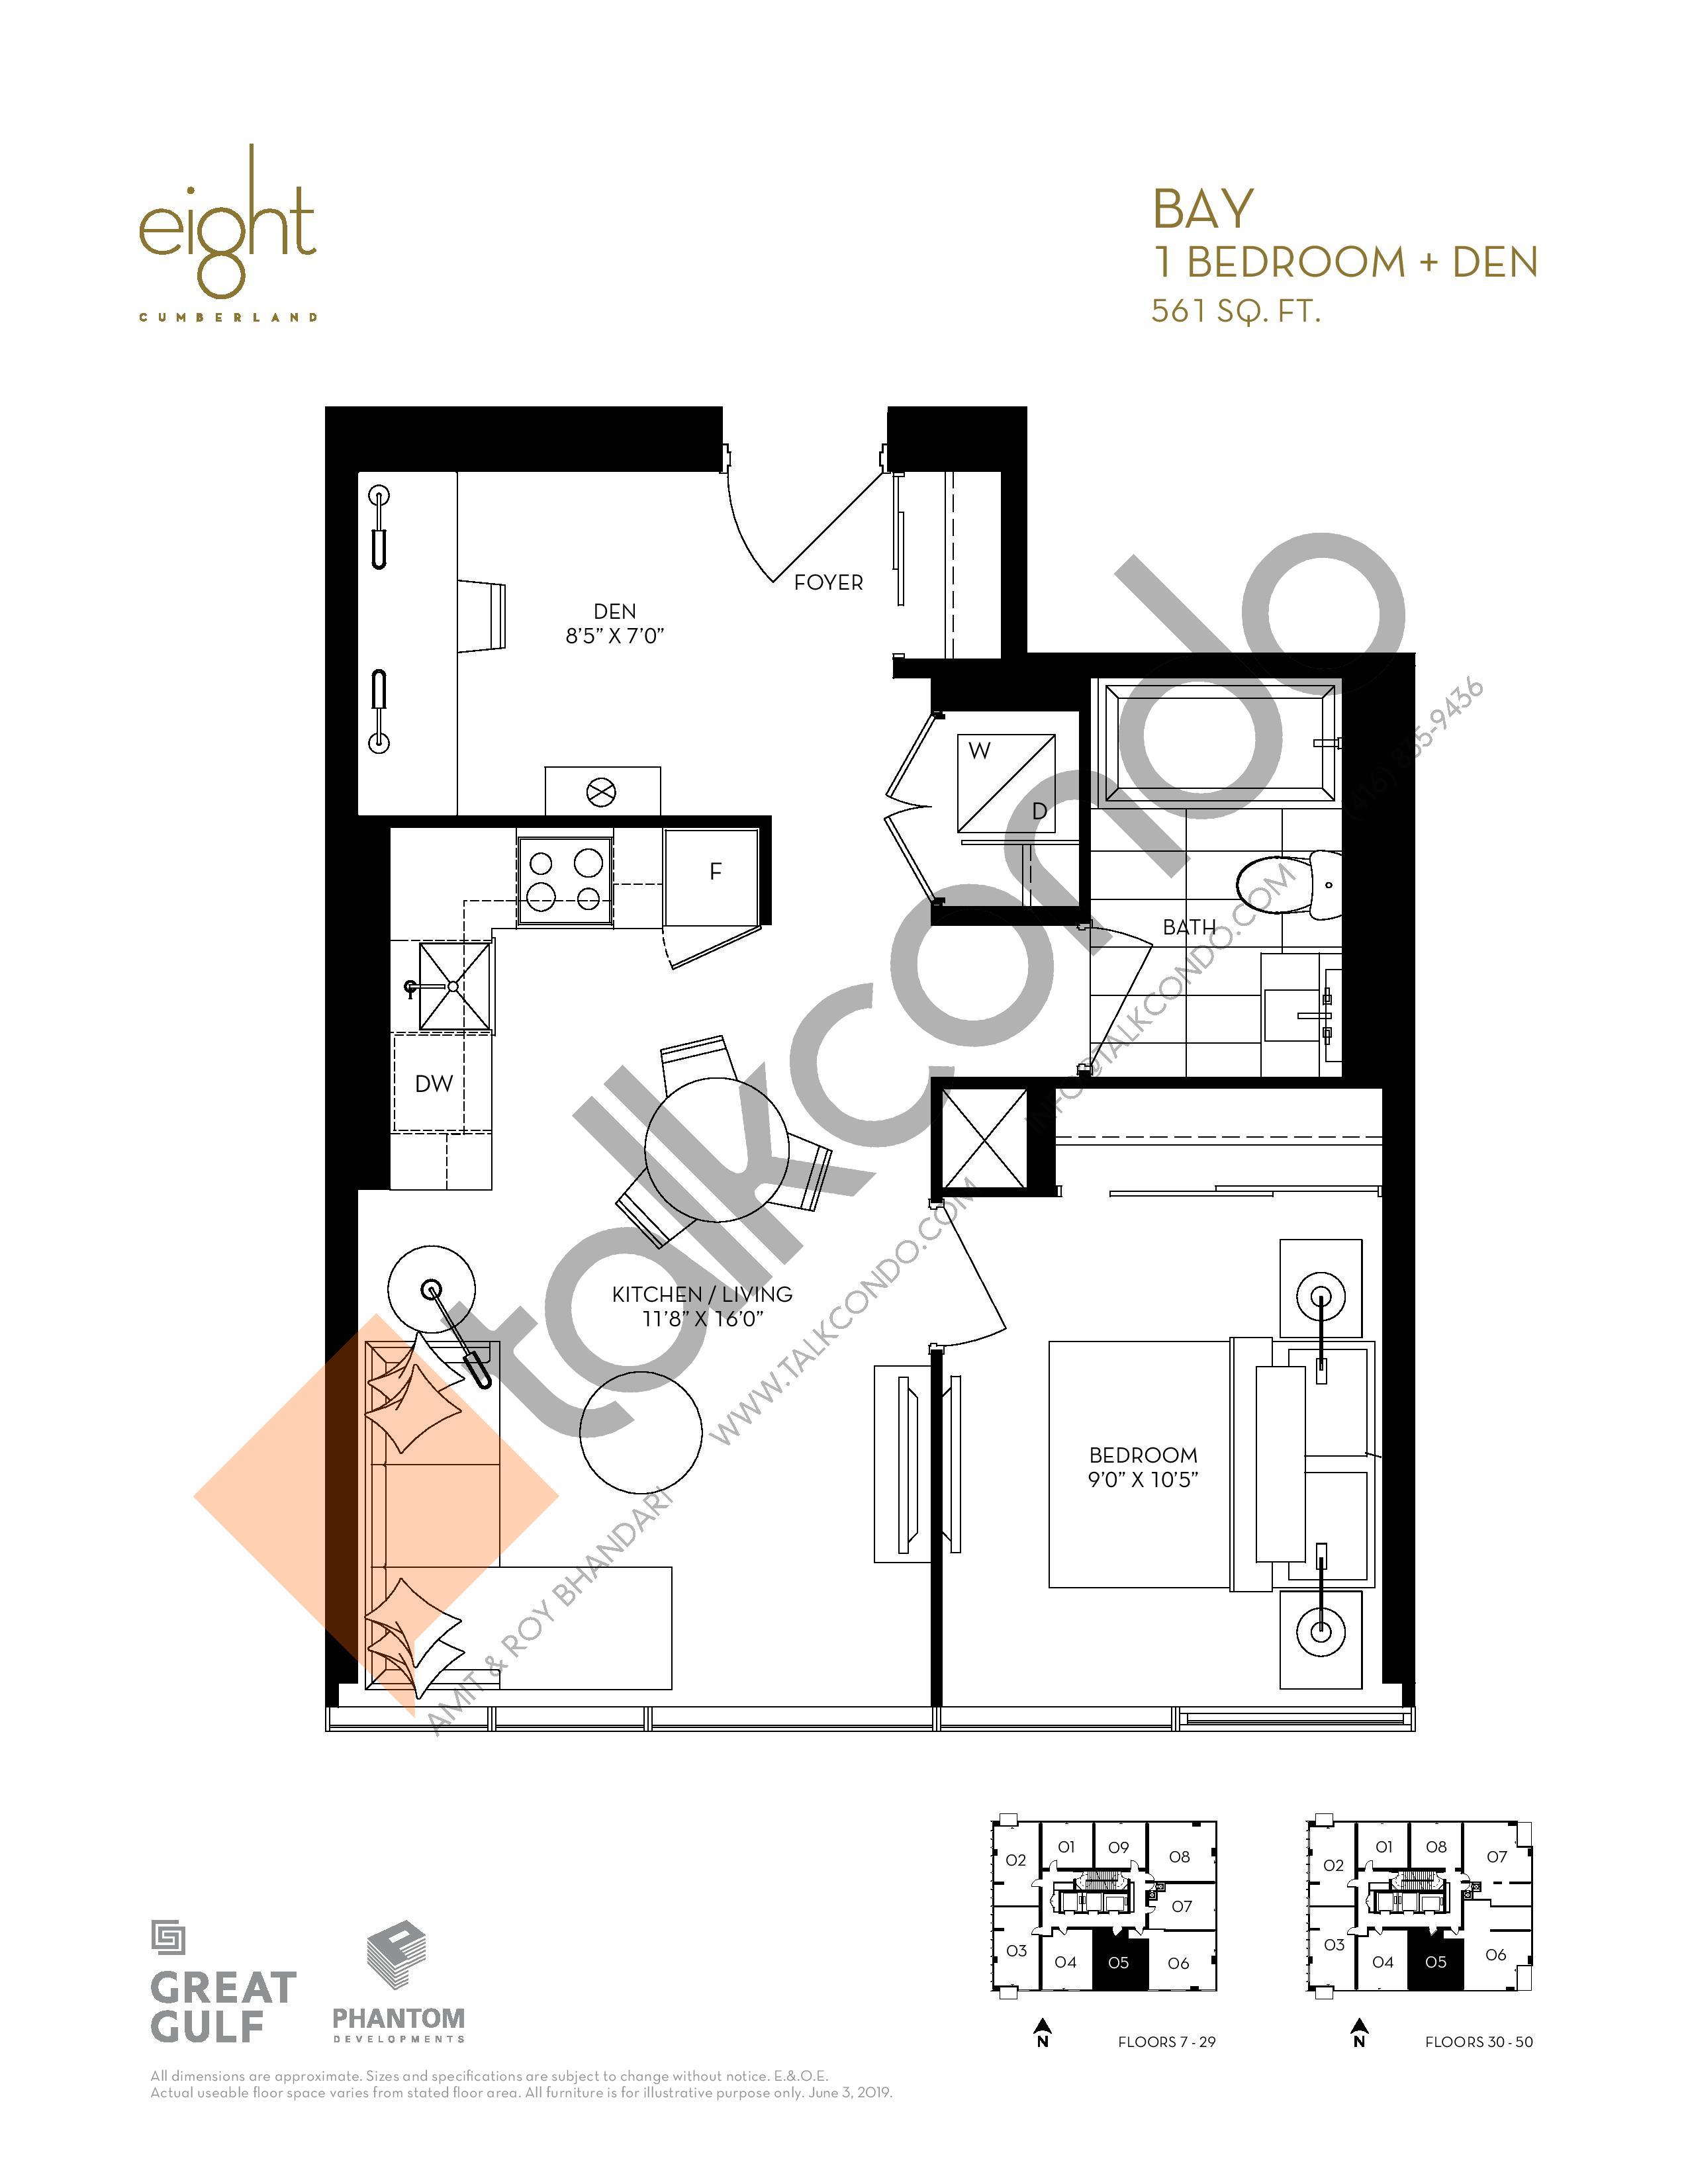 Bay Floor Plan at 8 Cumberland Condos - 561 sq.ft